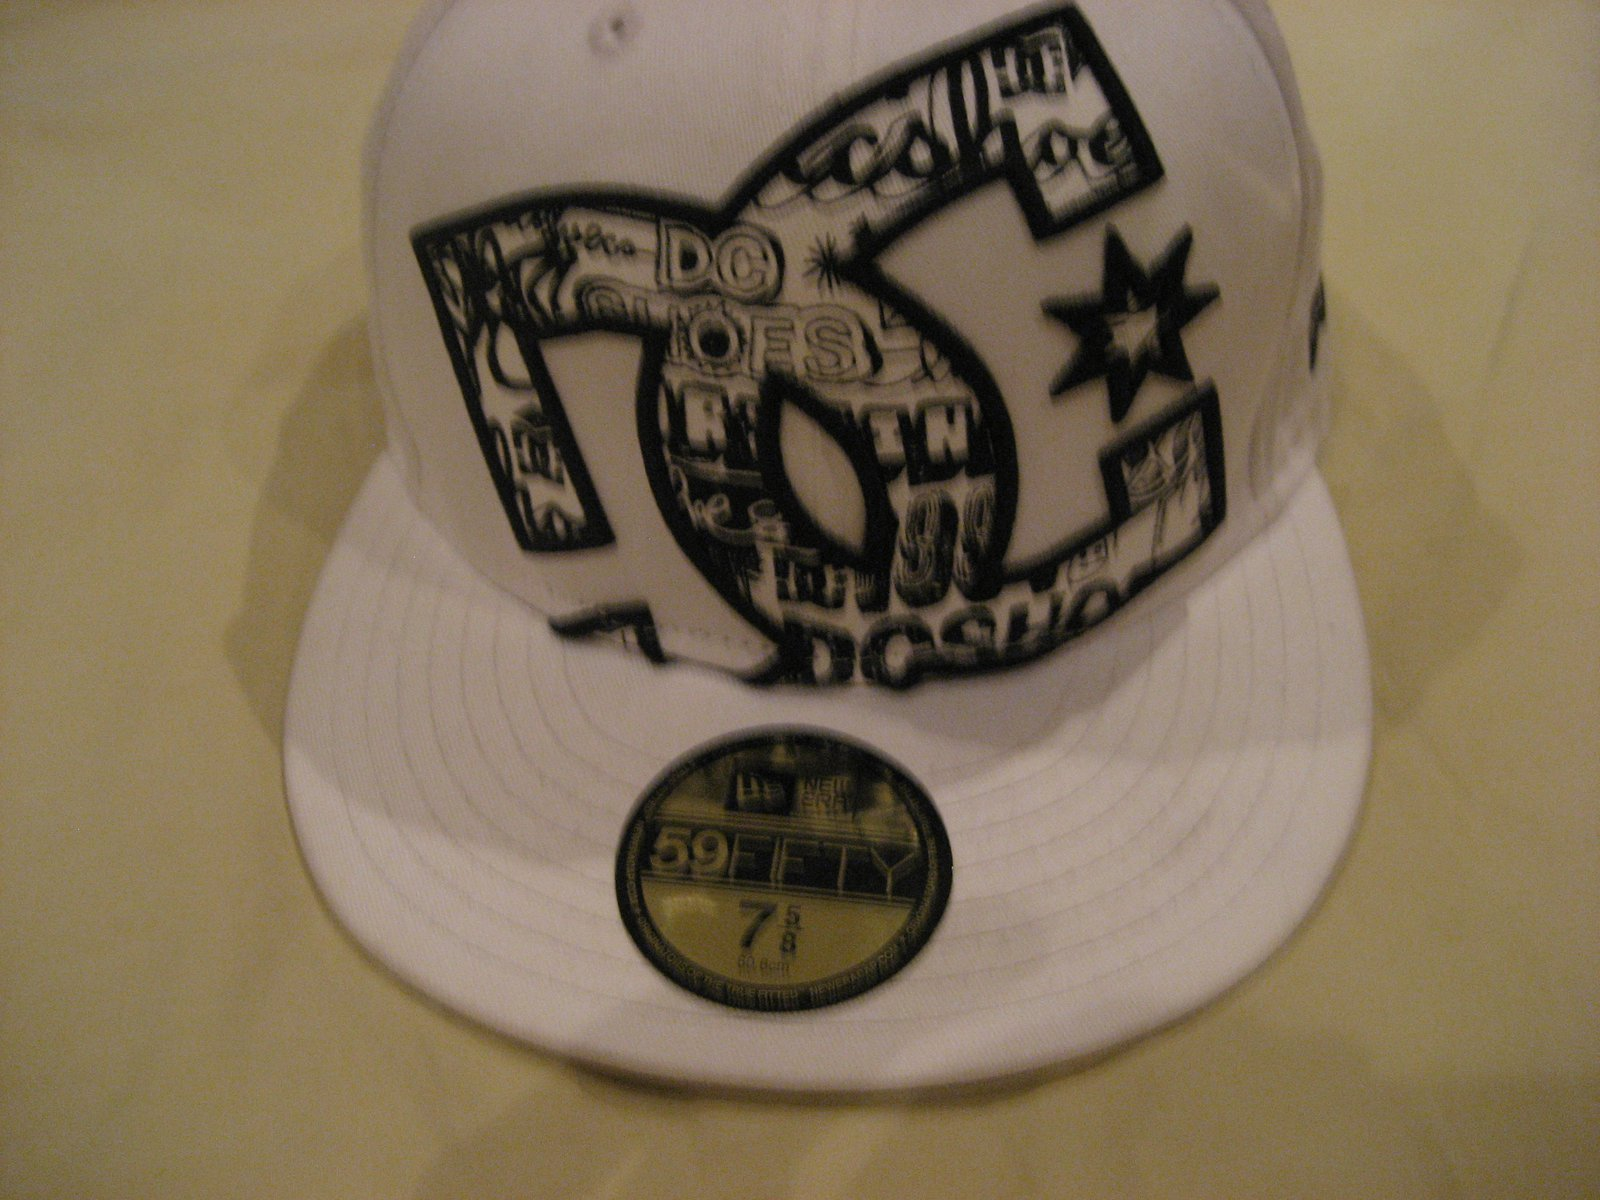 Fs hat